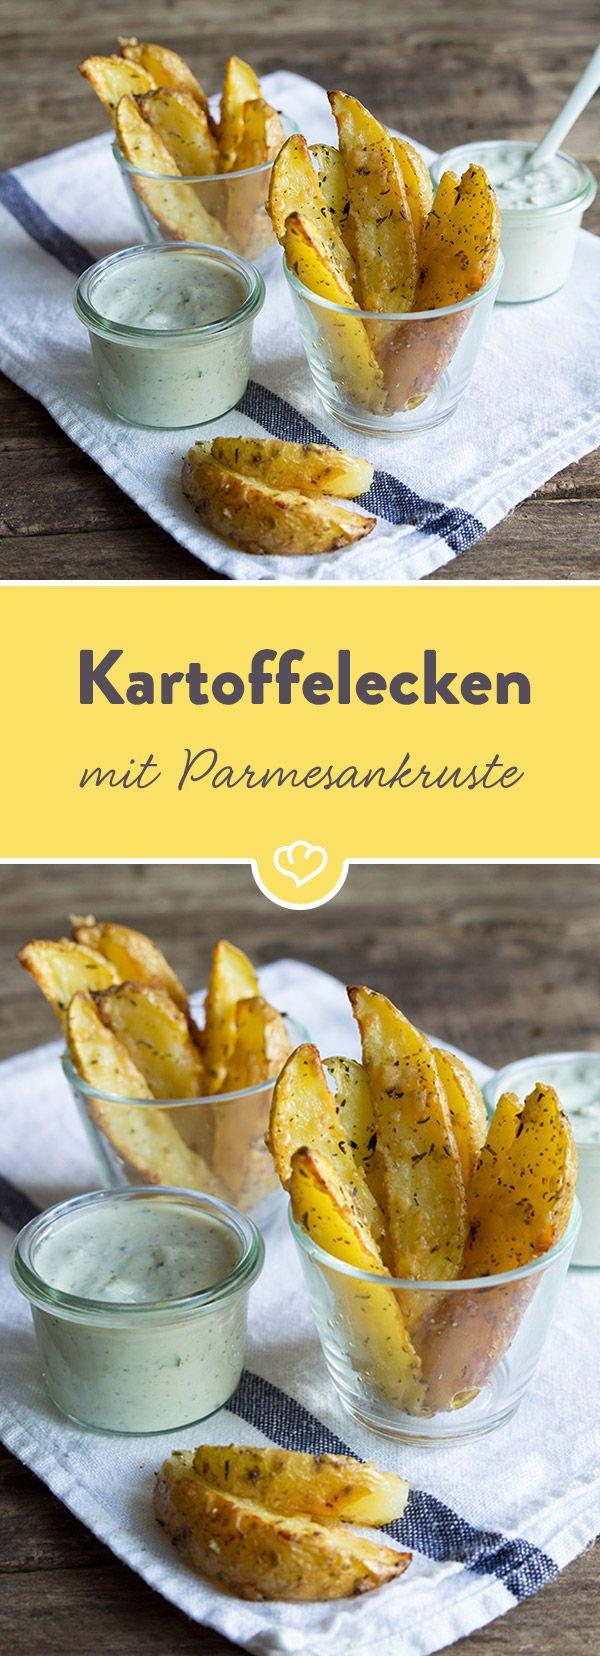 Kartoffeln aufschneiden, ein paar Kräuter, etwas Parmesan und den Rest erledigt der Backofen. Fertig ist das unkomplizierte, richtig leckere Fingerfood!